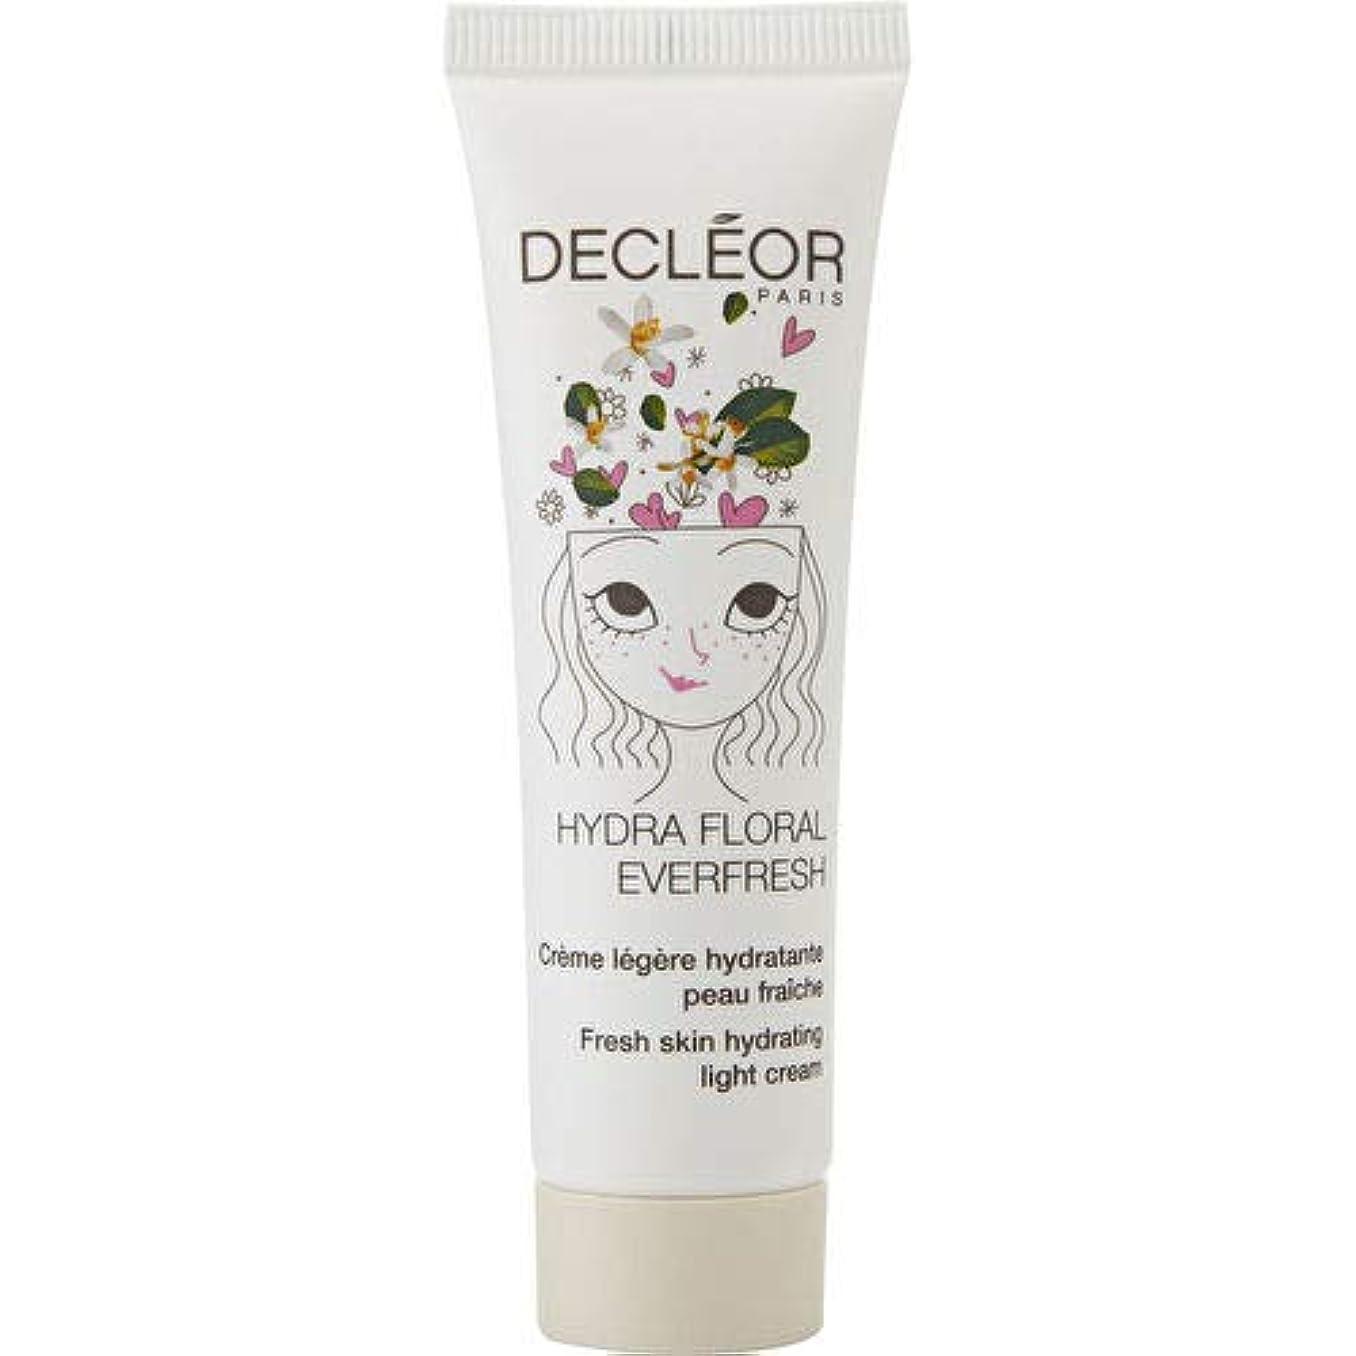 するだろう規模画家デクレオール Hydra Floral Everfresh Fresh Skin Hydrating Light Cream - For Dehydrated Skin 30ml/1oz並行輸入品